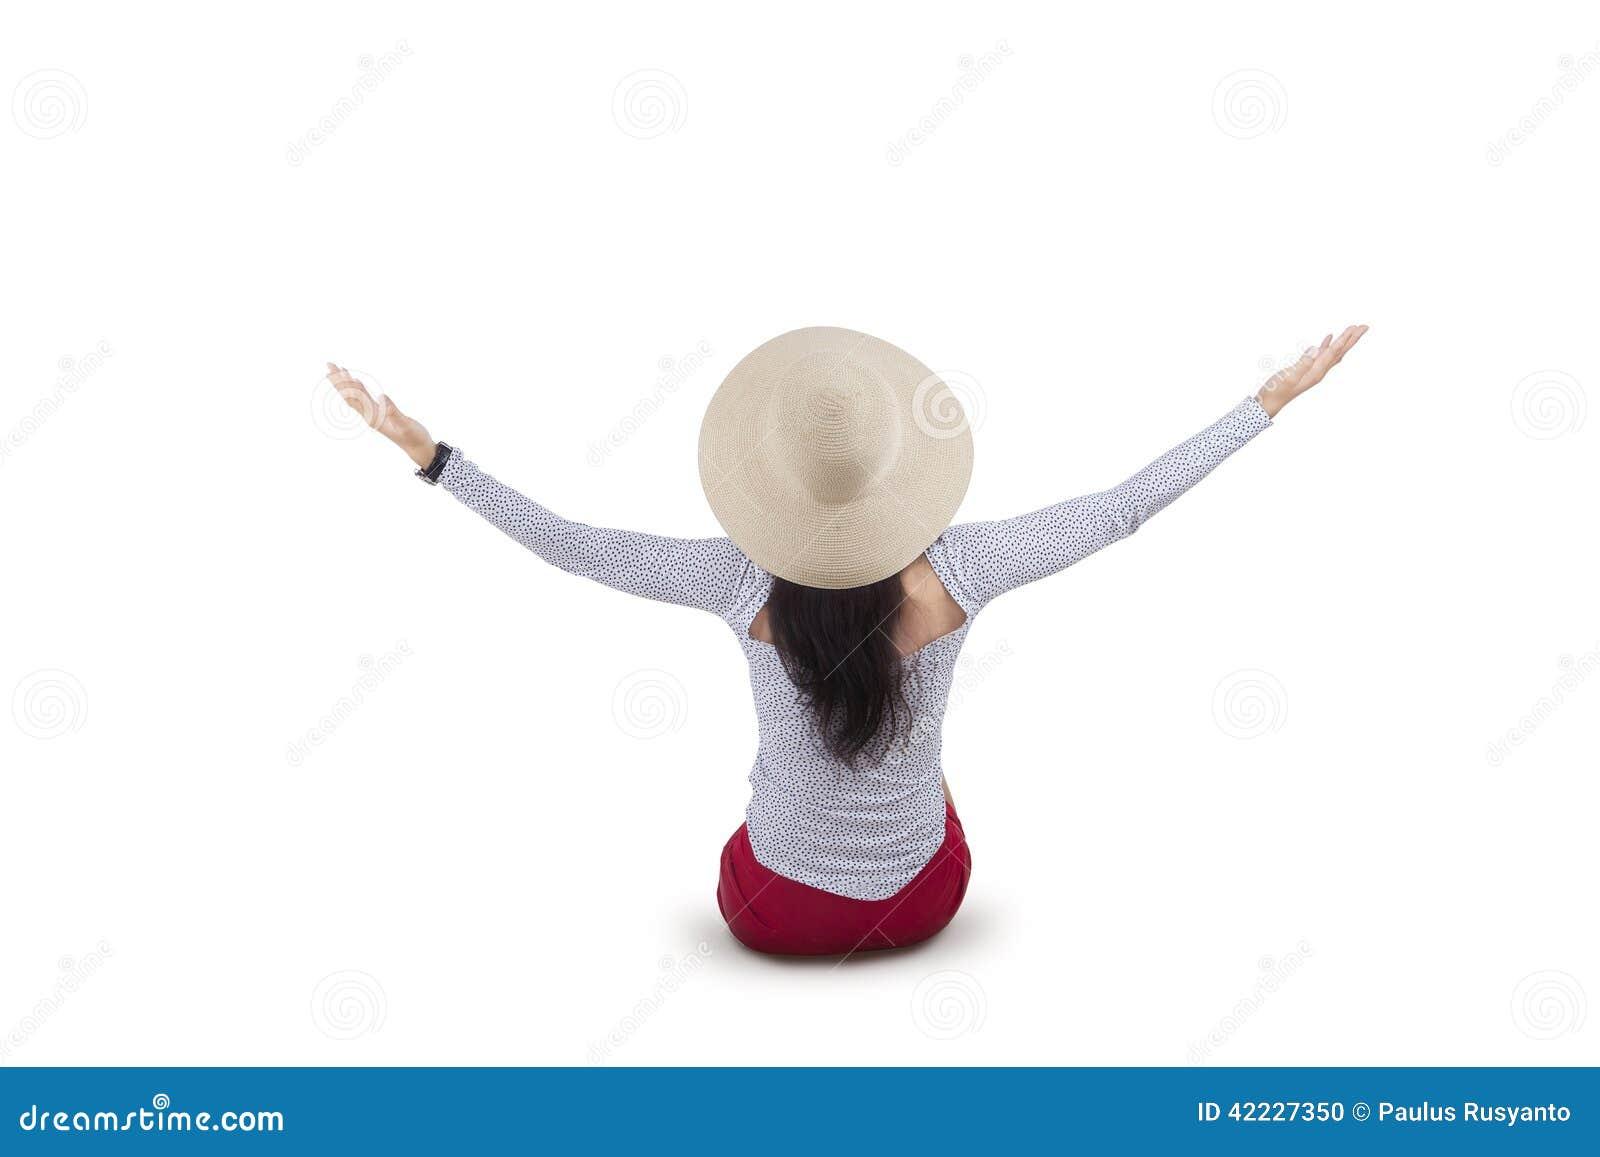 Γυναίκα πίσω πλευρών που εκφράζει την ελευθερία